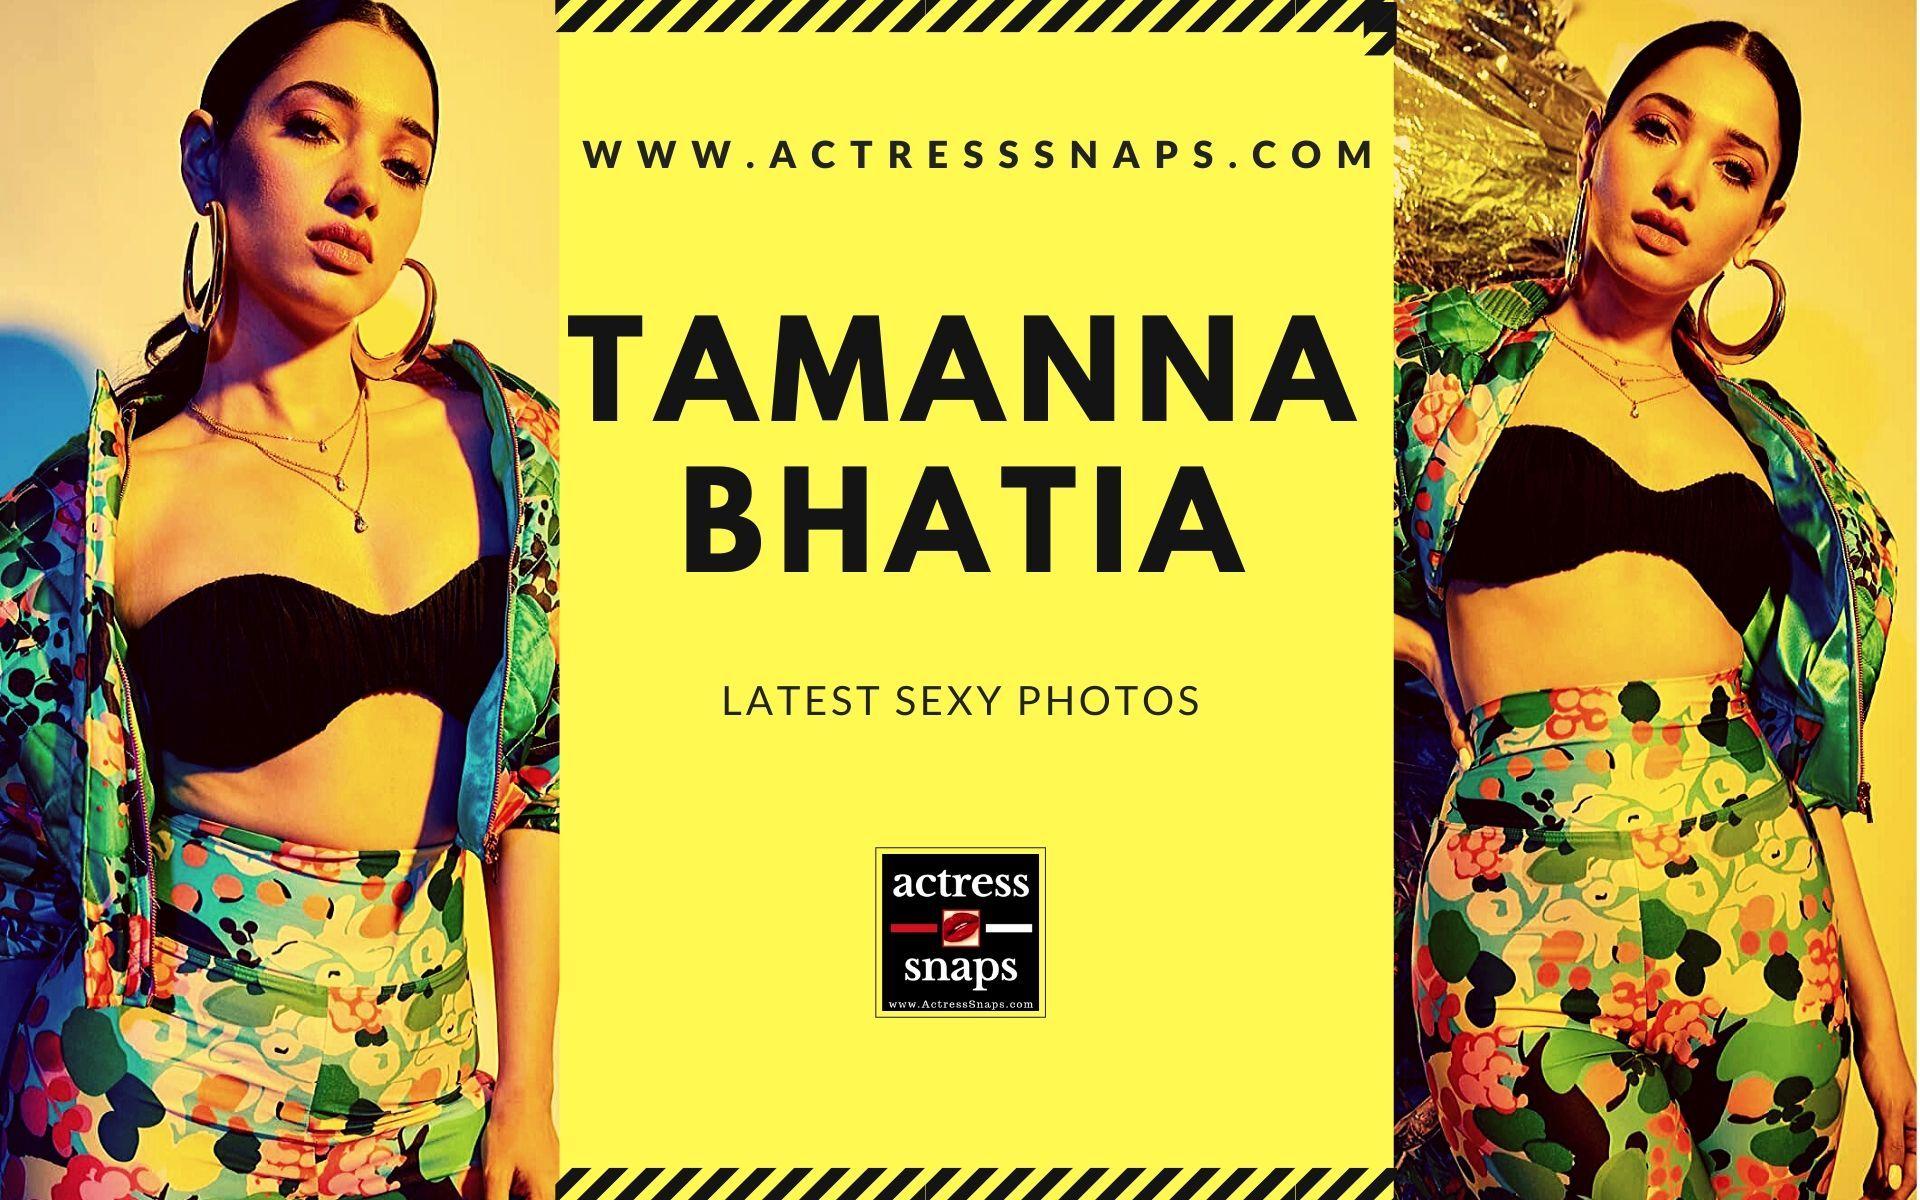 Tamannaah Bhatia - Latest Sexy Photos - Sexy Actress Pictures | Hot Actress Pictures - ActressSnaps.com